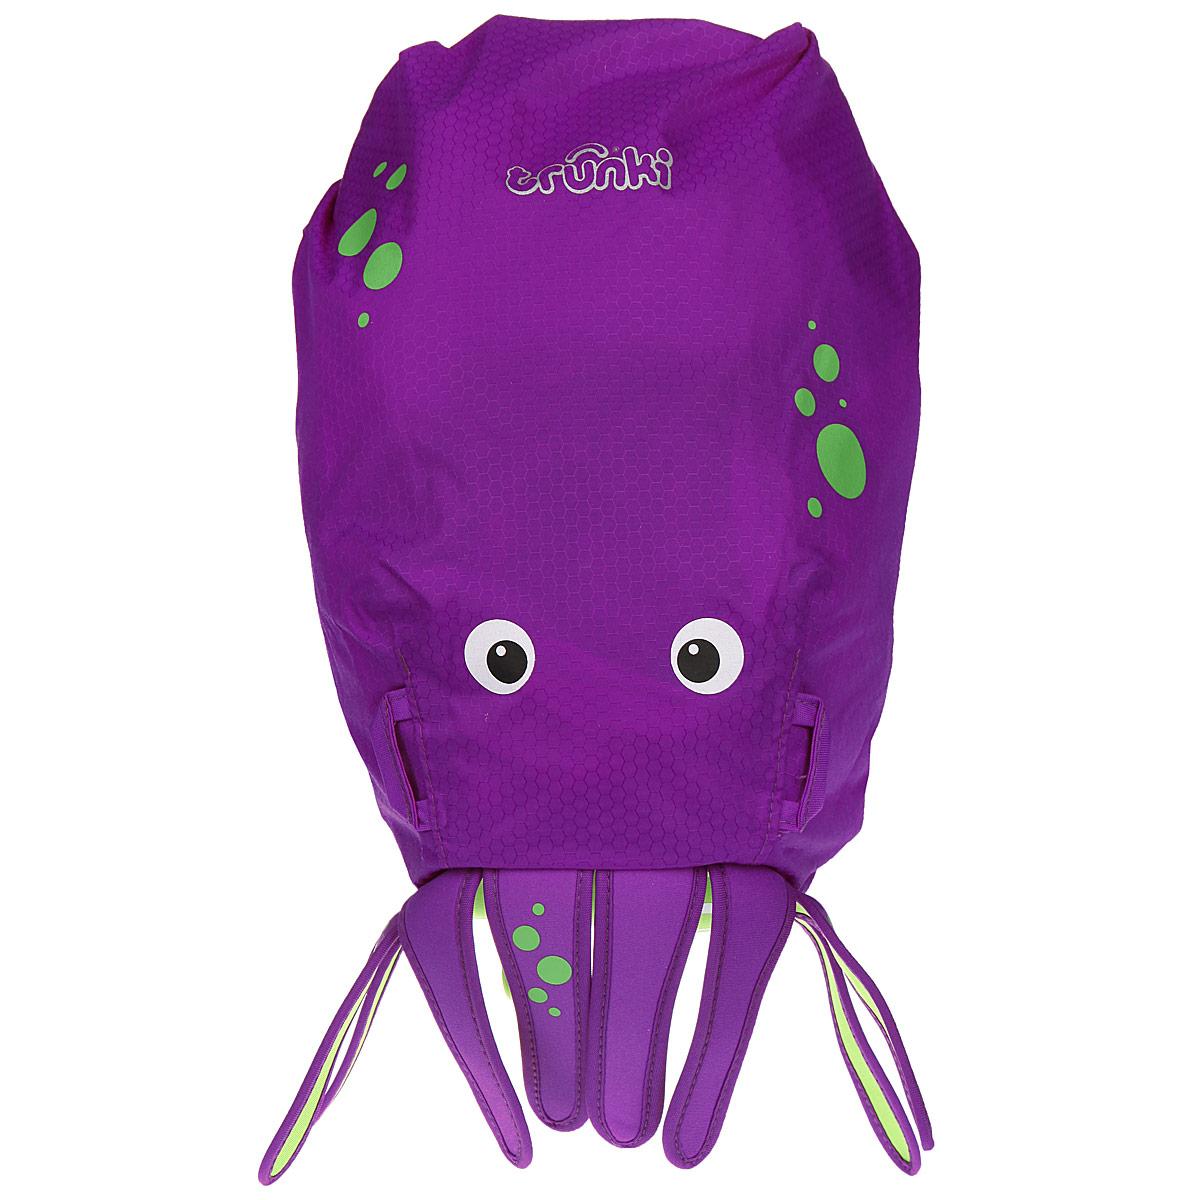 Детский рюкзак для бассейна и пляжа Trunki Осьминог, цвет: фиолетовый, салатовый, 7,5 лOM-678-2/2Детский рюкзак для бассейна и пляжа Trunki Осьминог - великолепный подарок для маленьких спортсменов и путешественников.Выполнен из прочного и водоотталкивающего материала в виде осьминога. Рюкзак состоит из вместительного отделения, закрывающегося с помощью скрутки, которая также сохранит содержимое и защитит от проникновения воды. Благодаря широкой горловине рюкзака в него очень удобно складывать вещи.Конструкция спинки дополнена противоскользящей сеточкой и системой вентиляции для предотвращения запотевания спины ребенка. Мягкие широкие лямки позволяют легко и быстро отрегулировать рюкзак в соответствии с ростом. На правой лямке рюкзака предусмотрено специальное крепление Trunki grip, с помощью которого можно подвесить детские солнцезащитные очки. Рюкзак оснащен петлей для подвешивания. Также имеет светоотражающие элементы и карман в нижней части рюкзака, куда можно положить различные мелочи.Рюкзак Trunki Осьминог прекрасно подойдет для походов в бассейн и на пляж, поездок, занятий спортом. Ребенку непременно понравится этот яркий стильный аксессуар, который станет для него постоянным спутником.Рекомендуемый возраст: от 3 лет.